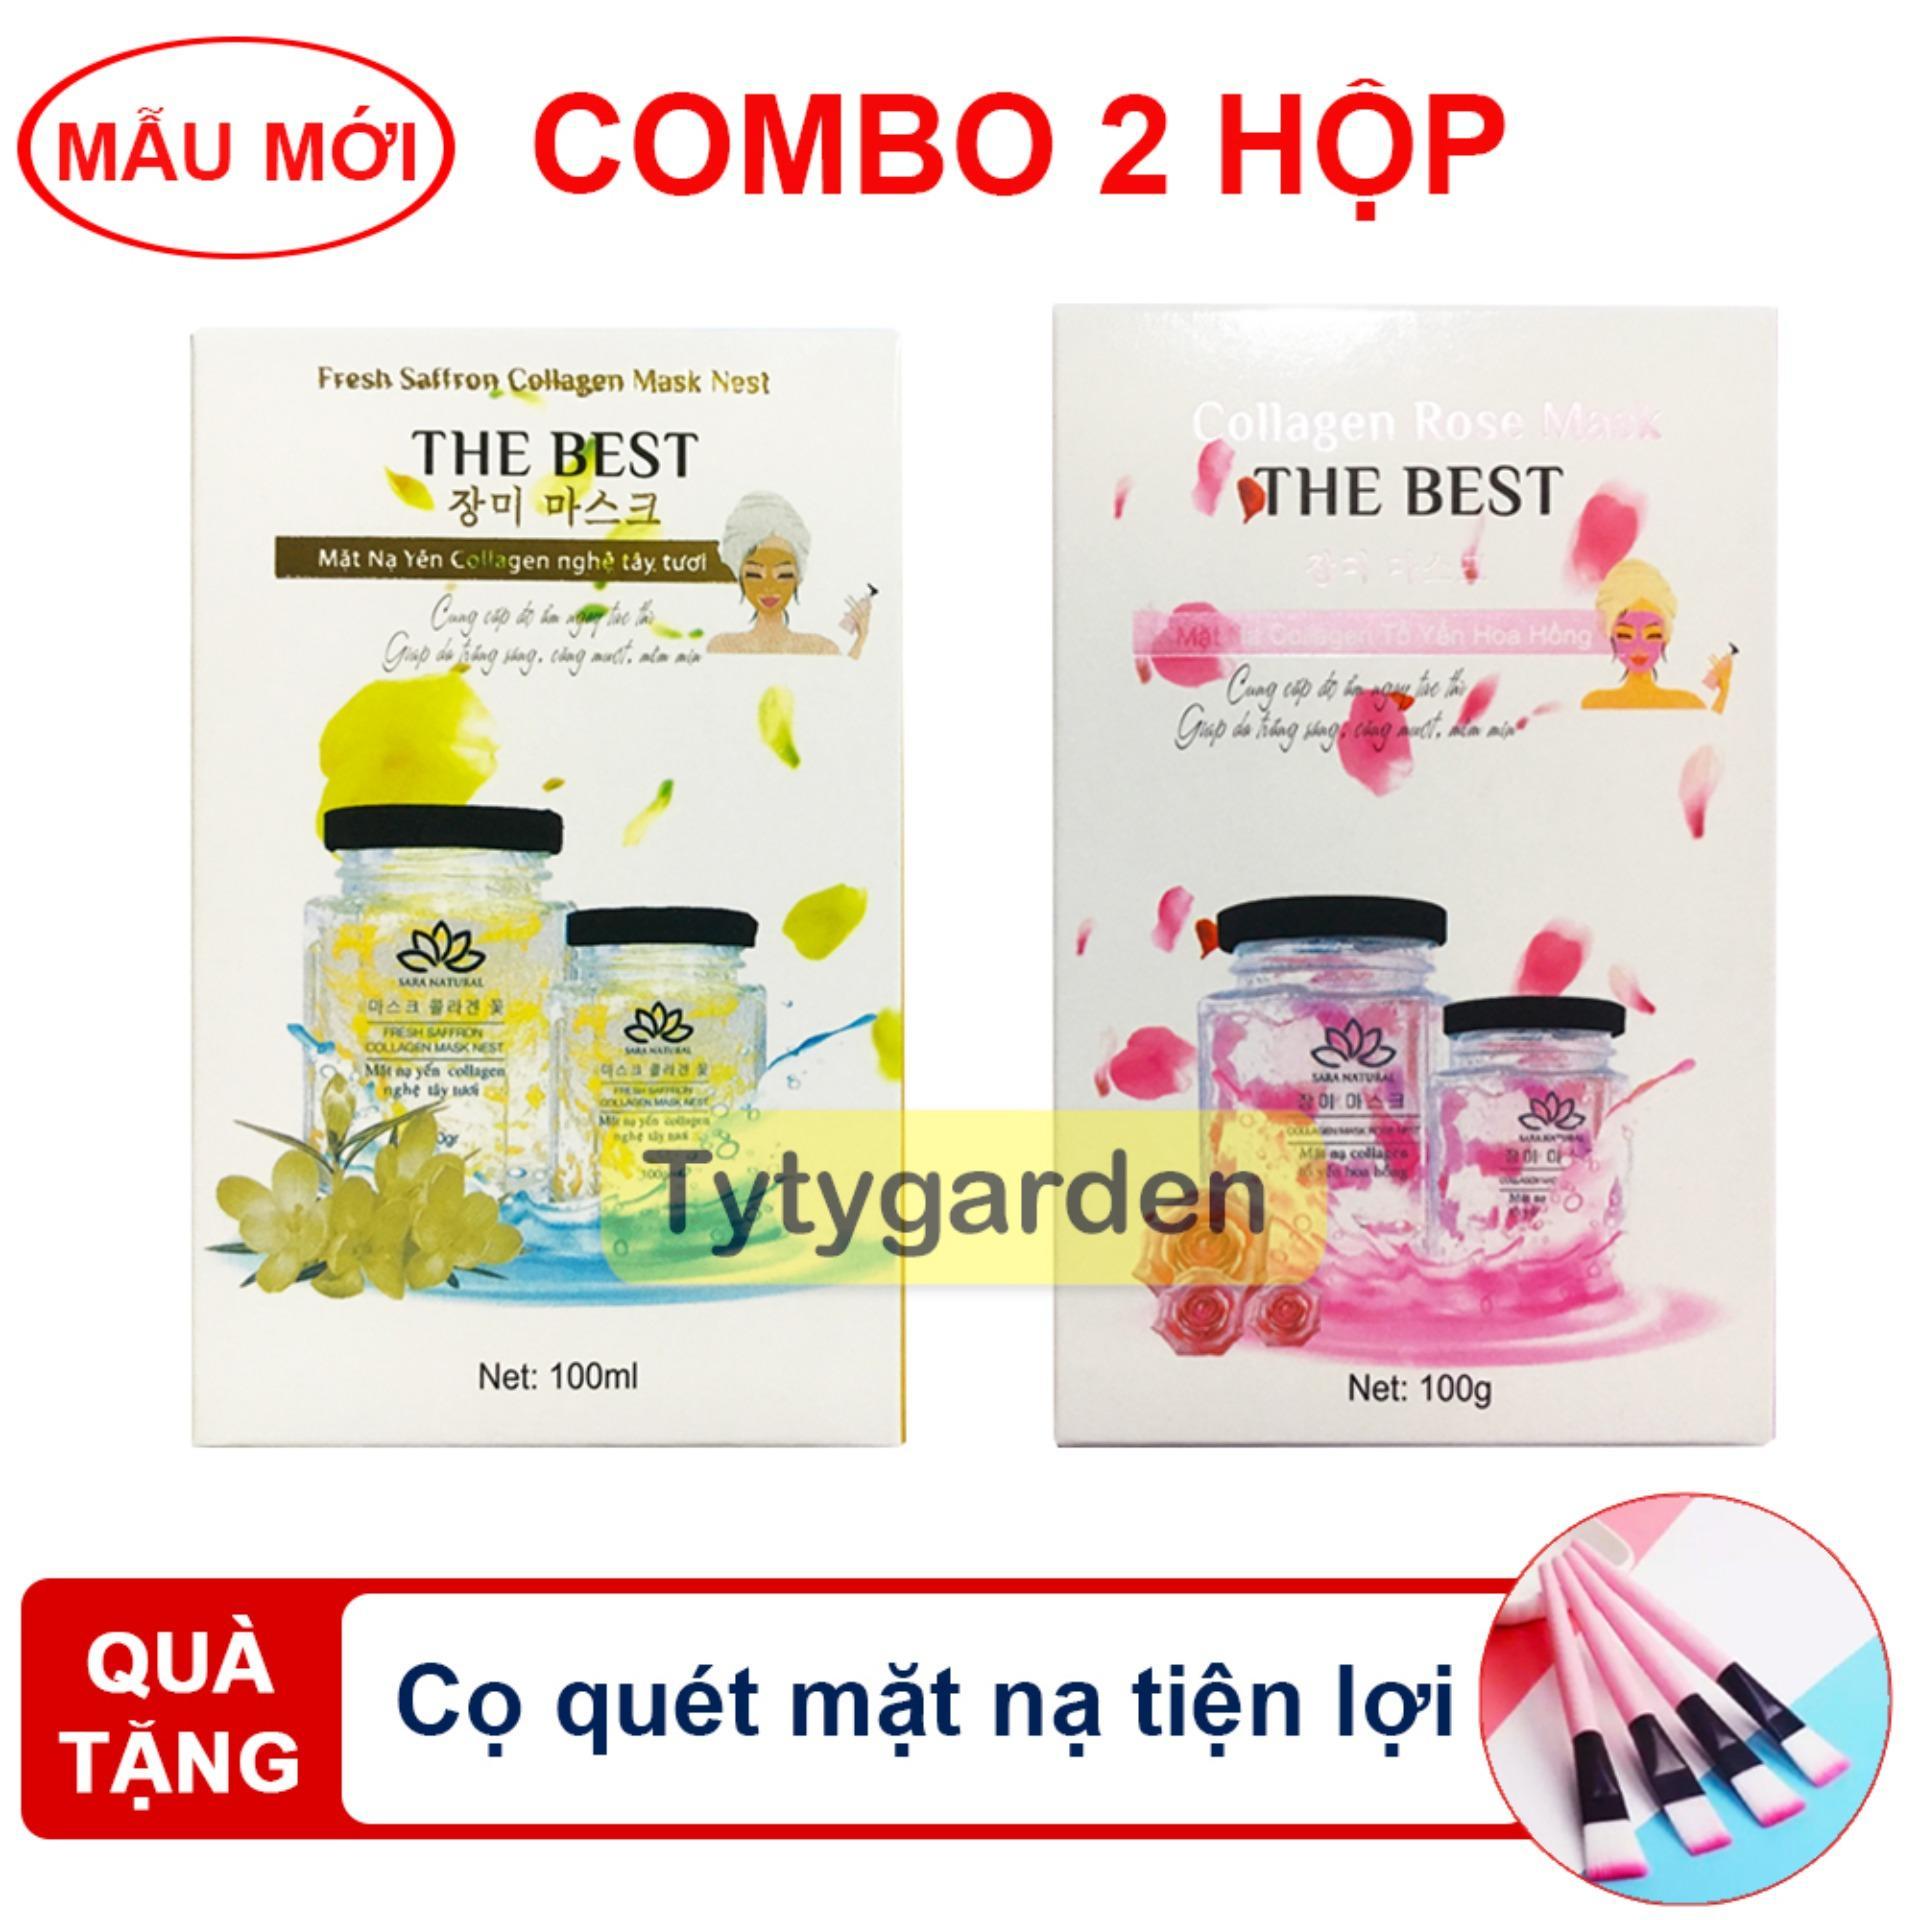 Combo 2 mặt nạ yến collagen Nghệ Tây - Hoa Hồng Trắng Rạng Ngời [ tặng kèm cọ quét] - Siêu tiết kiệm